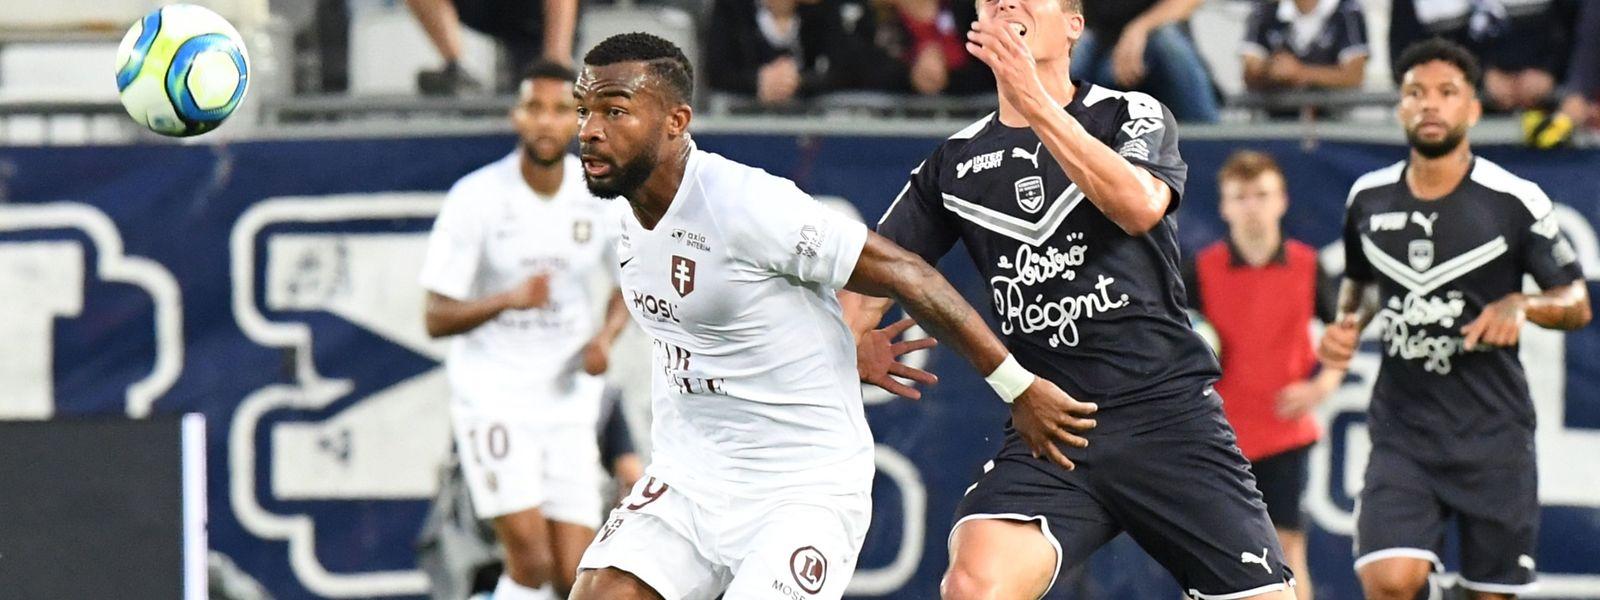 Insipides à Bordeaux, Habib Maiga (en blanc) et les Messins doivent une revanche à leurs supporters samedi contre Amiens